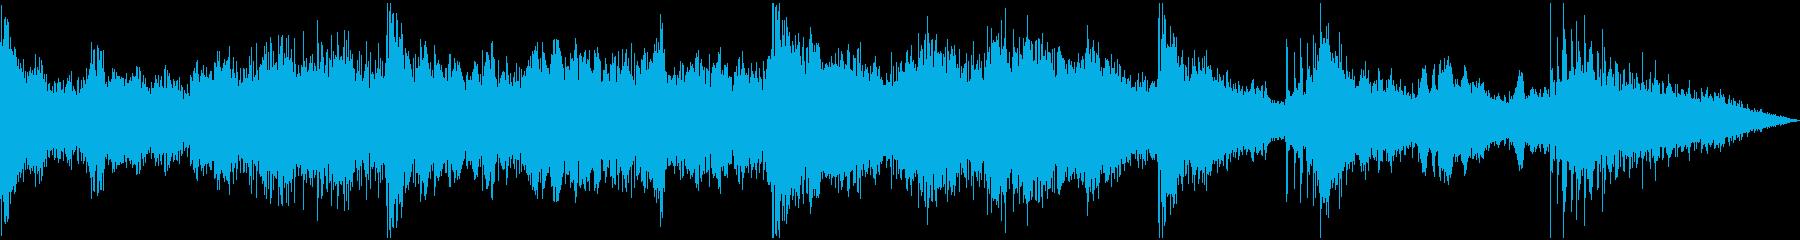 【ダーク】 ワンシーン_闇の中の再生済みの波形